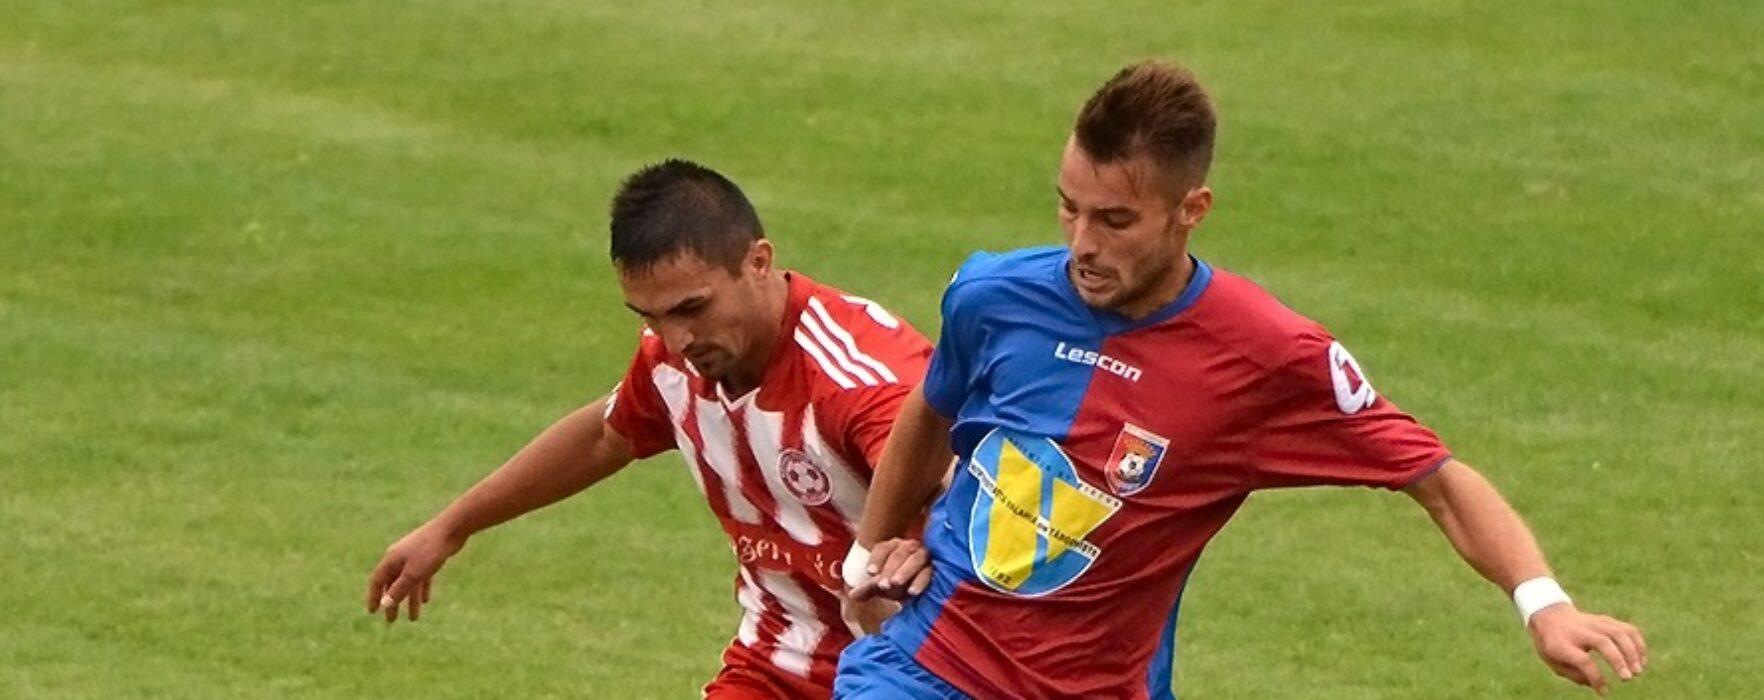 Atacantul târgoviştean Cristian Cherchez încă nu a semnat cu Dinamo